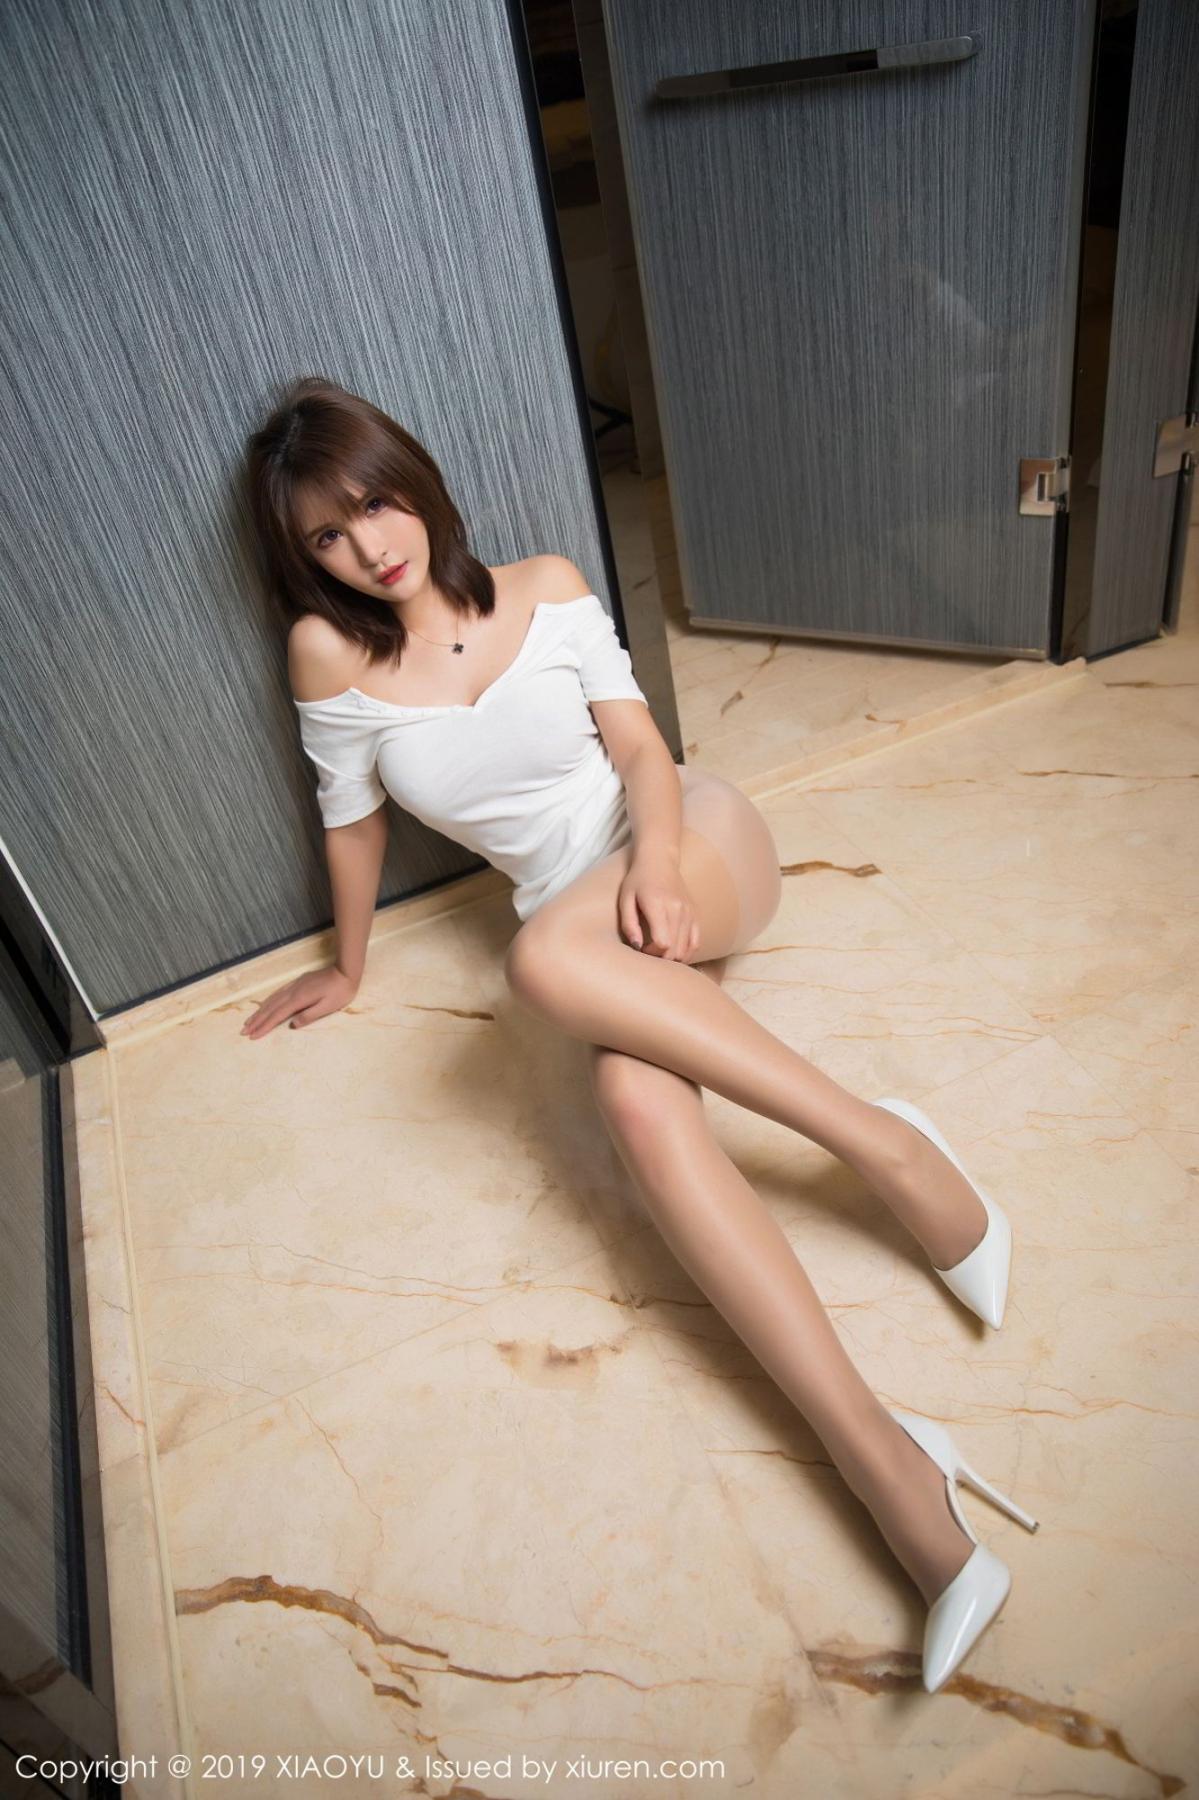 [XiaoYu] Vol.112 Solo Yi Fei 41P, Solo Yi Fei, Underwear, XiaoYu